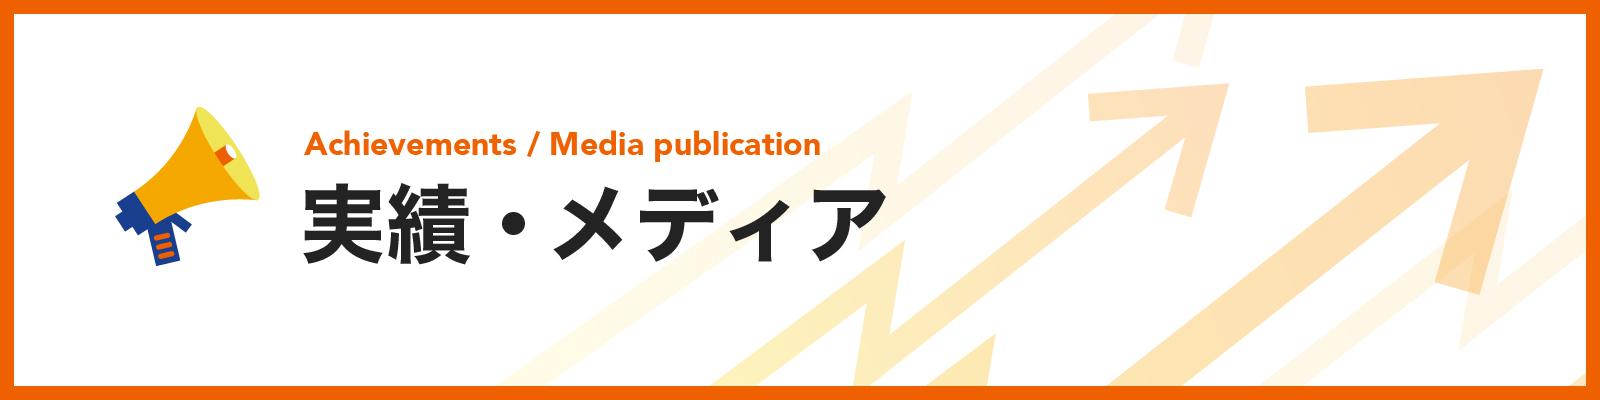 実績・メディア